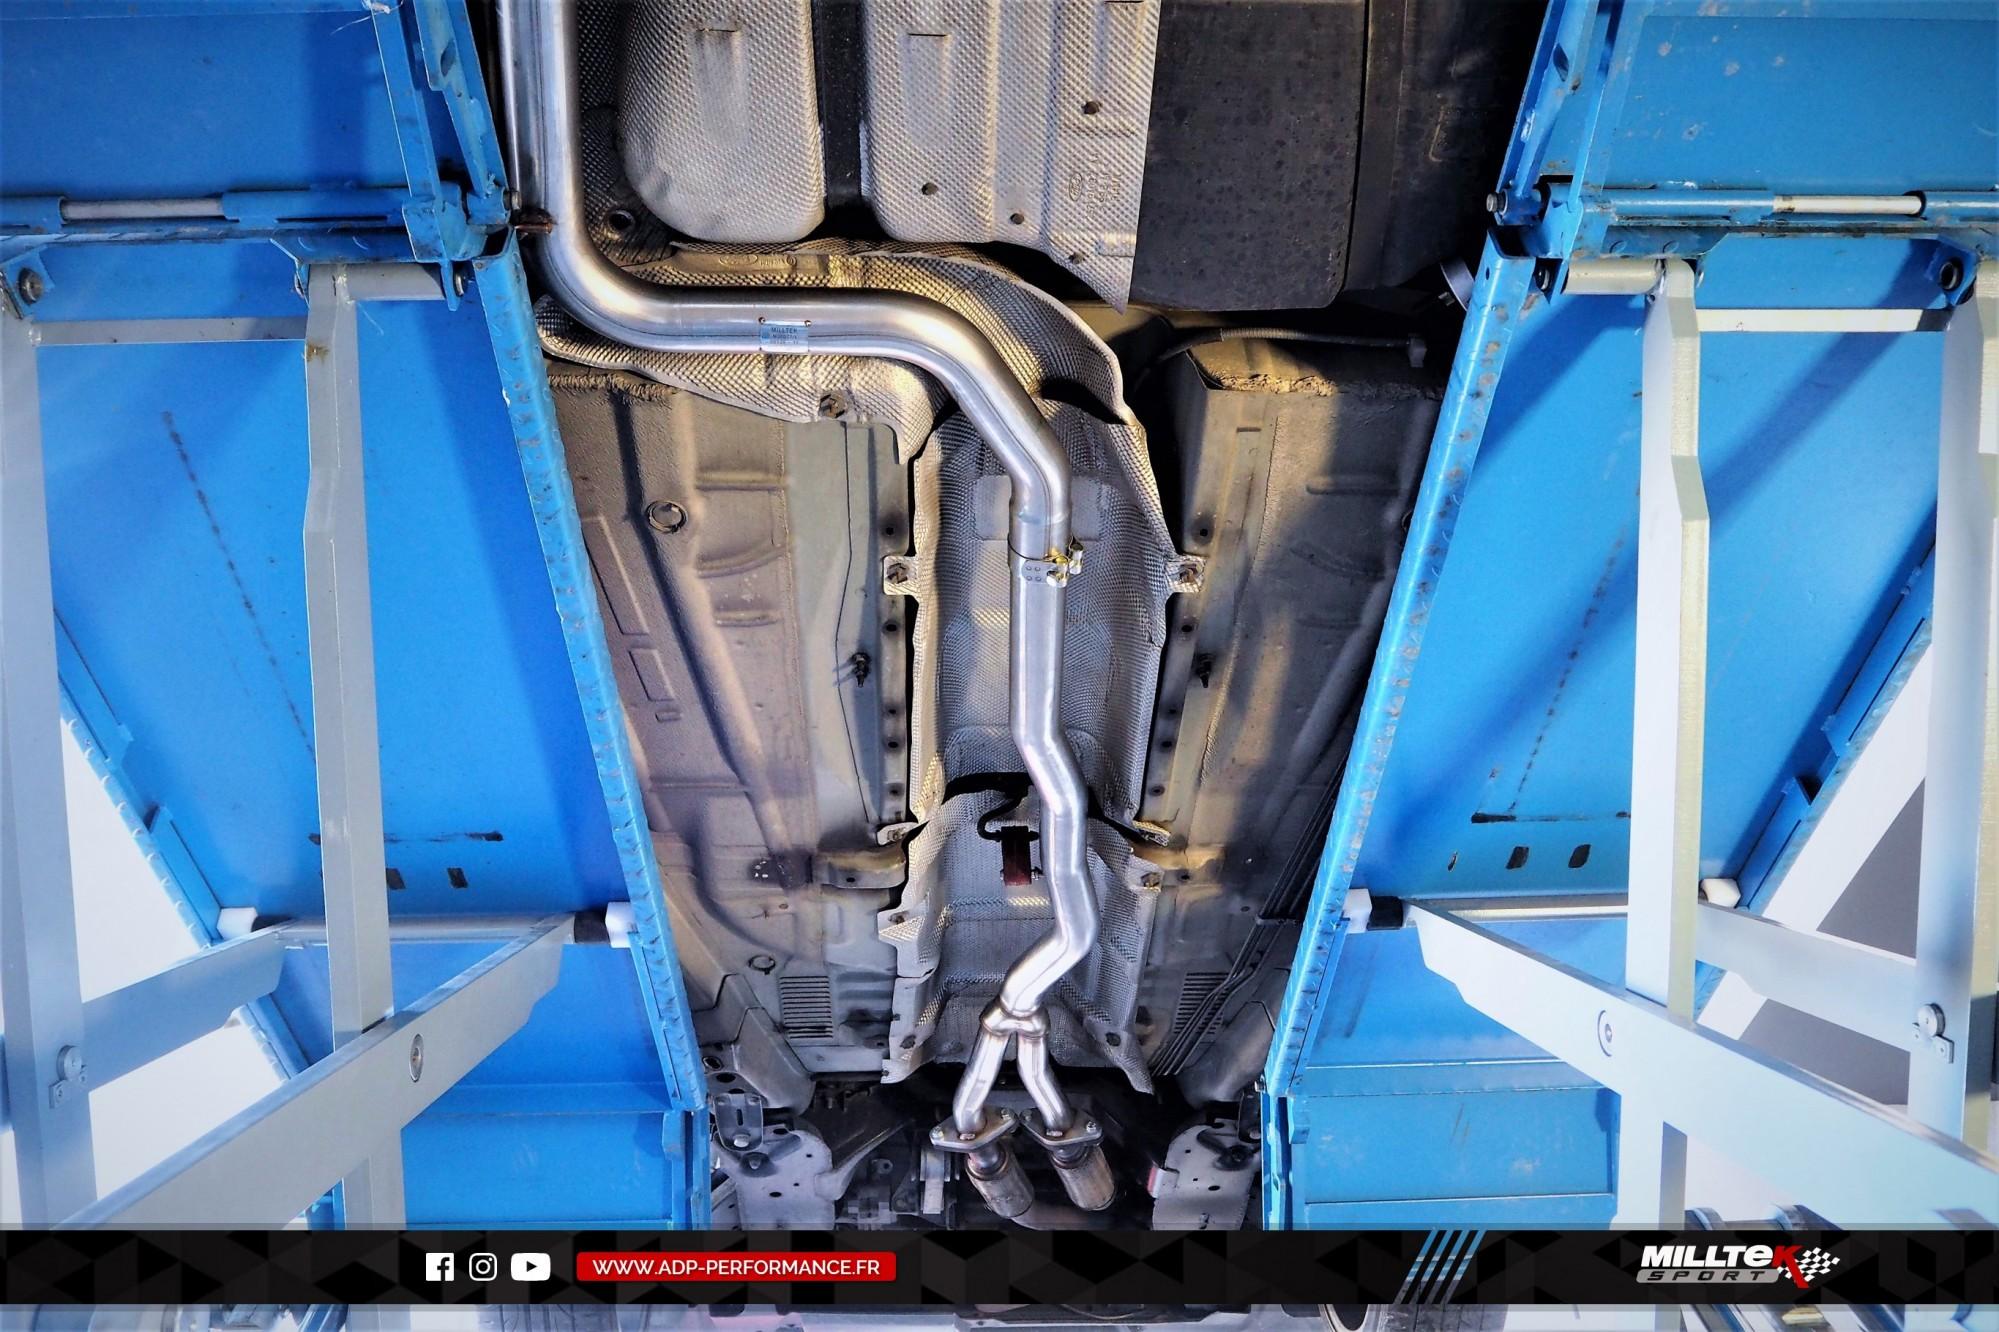 Ligne d'échappement (cat-back) Milltek Montpellier - Ford Mondeo ST220 - ADP Performance